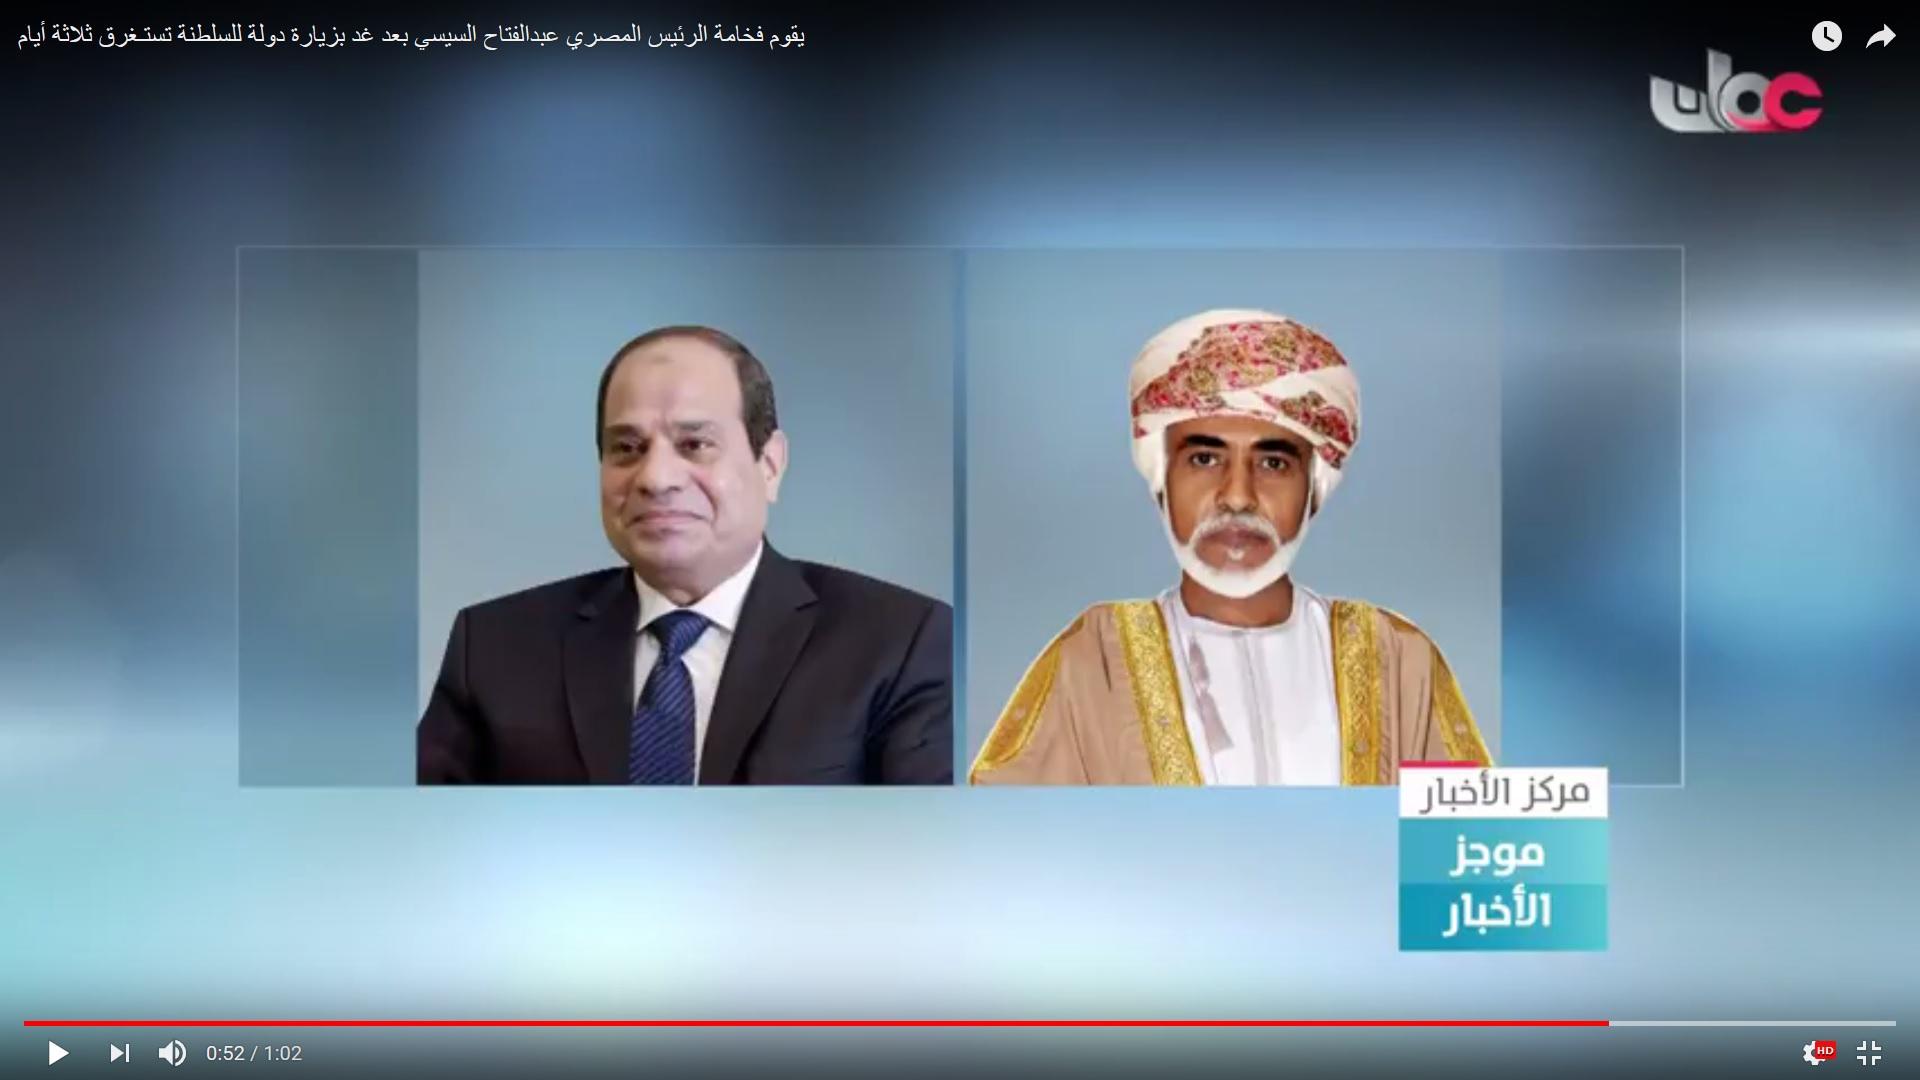 بالفيديو.. الرئيس المصري يقوم بعد غد بزيارة دولة للسلطنة تستـغرق ثلاثة أيام